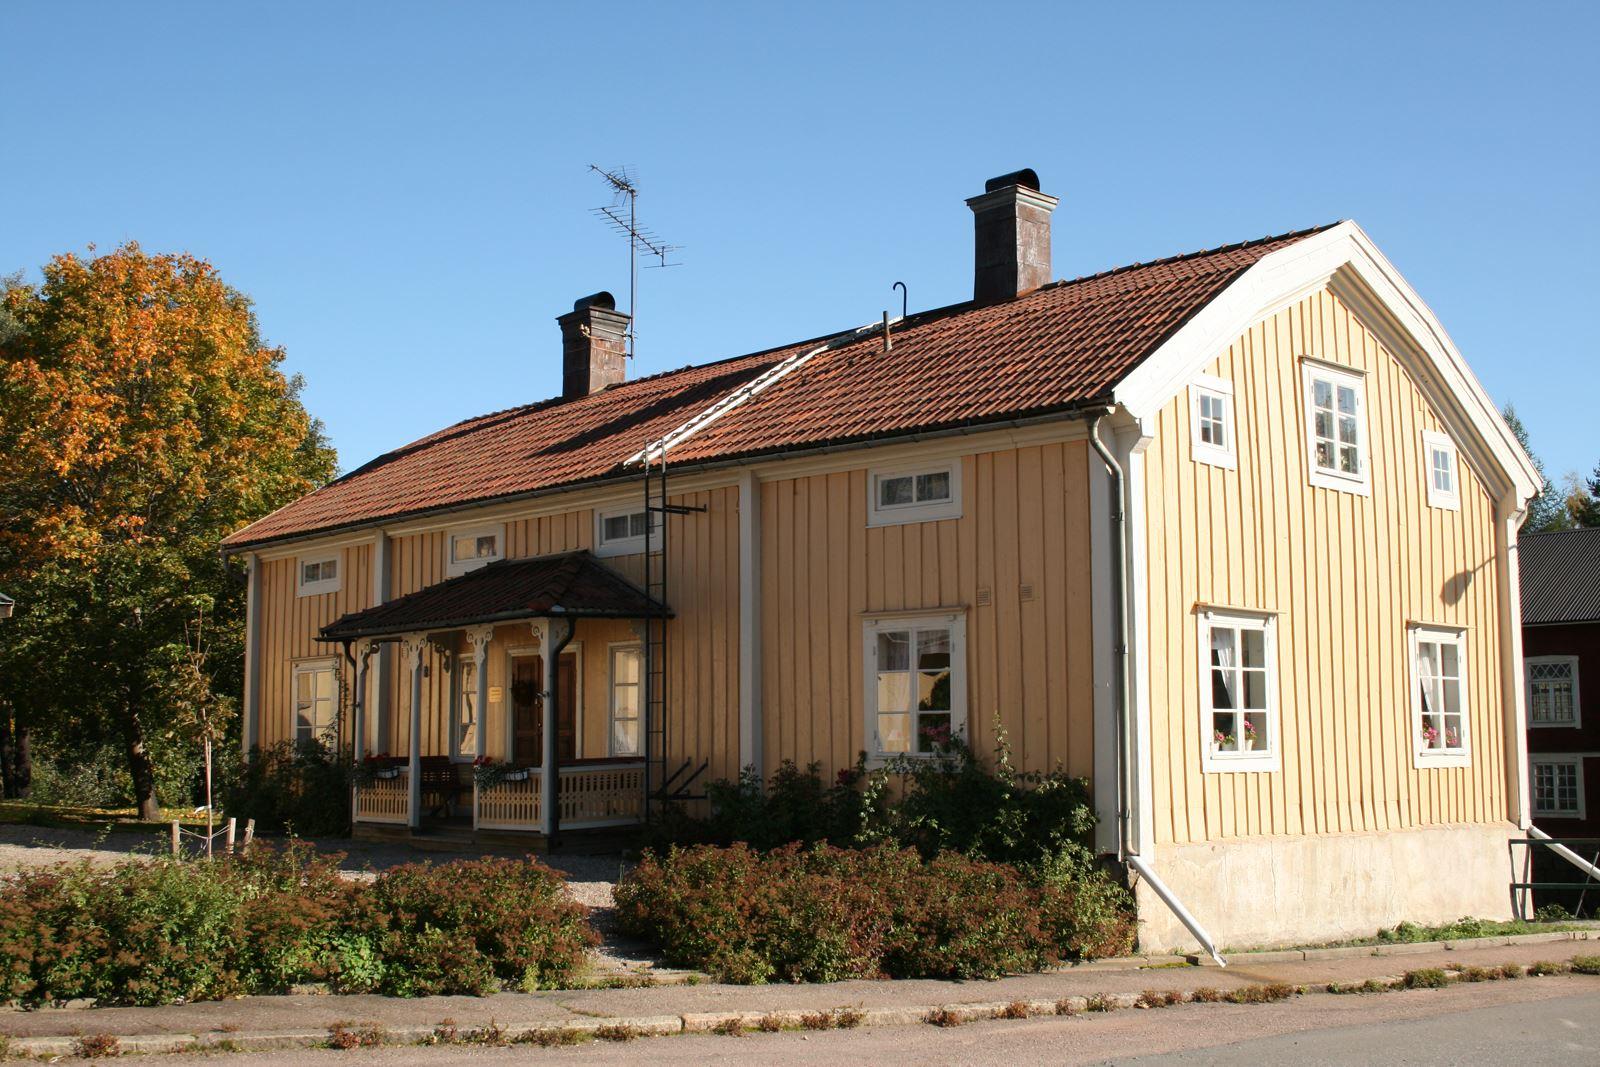 Foto: Pia R Wallner, Bengtsgården med mulltimmerhytta och smedja